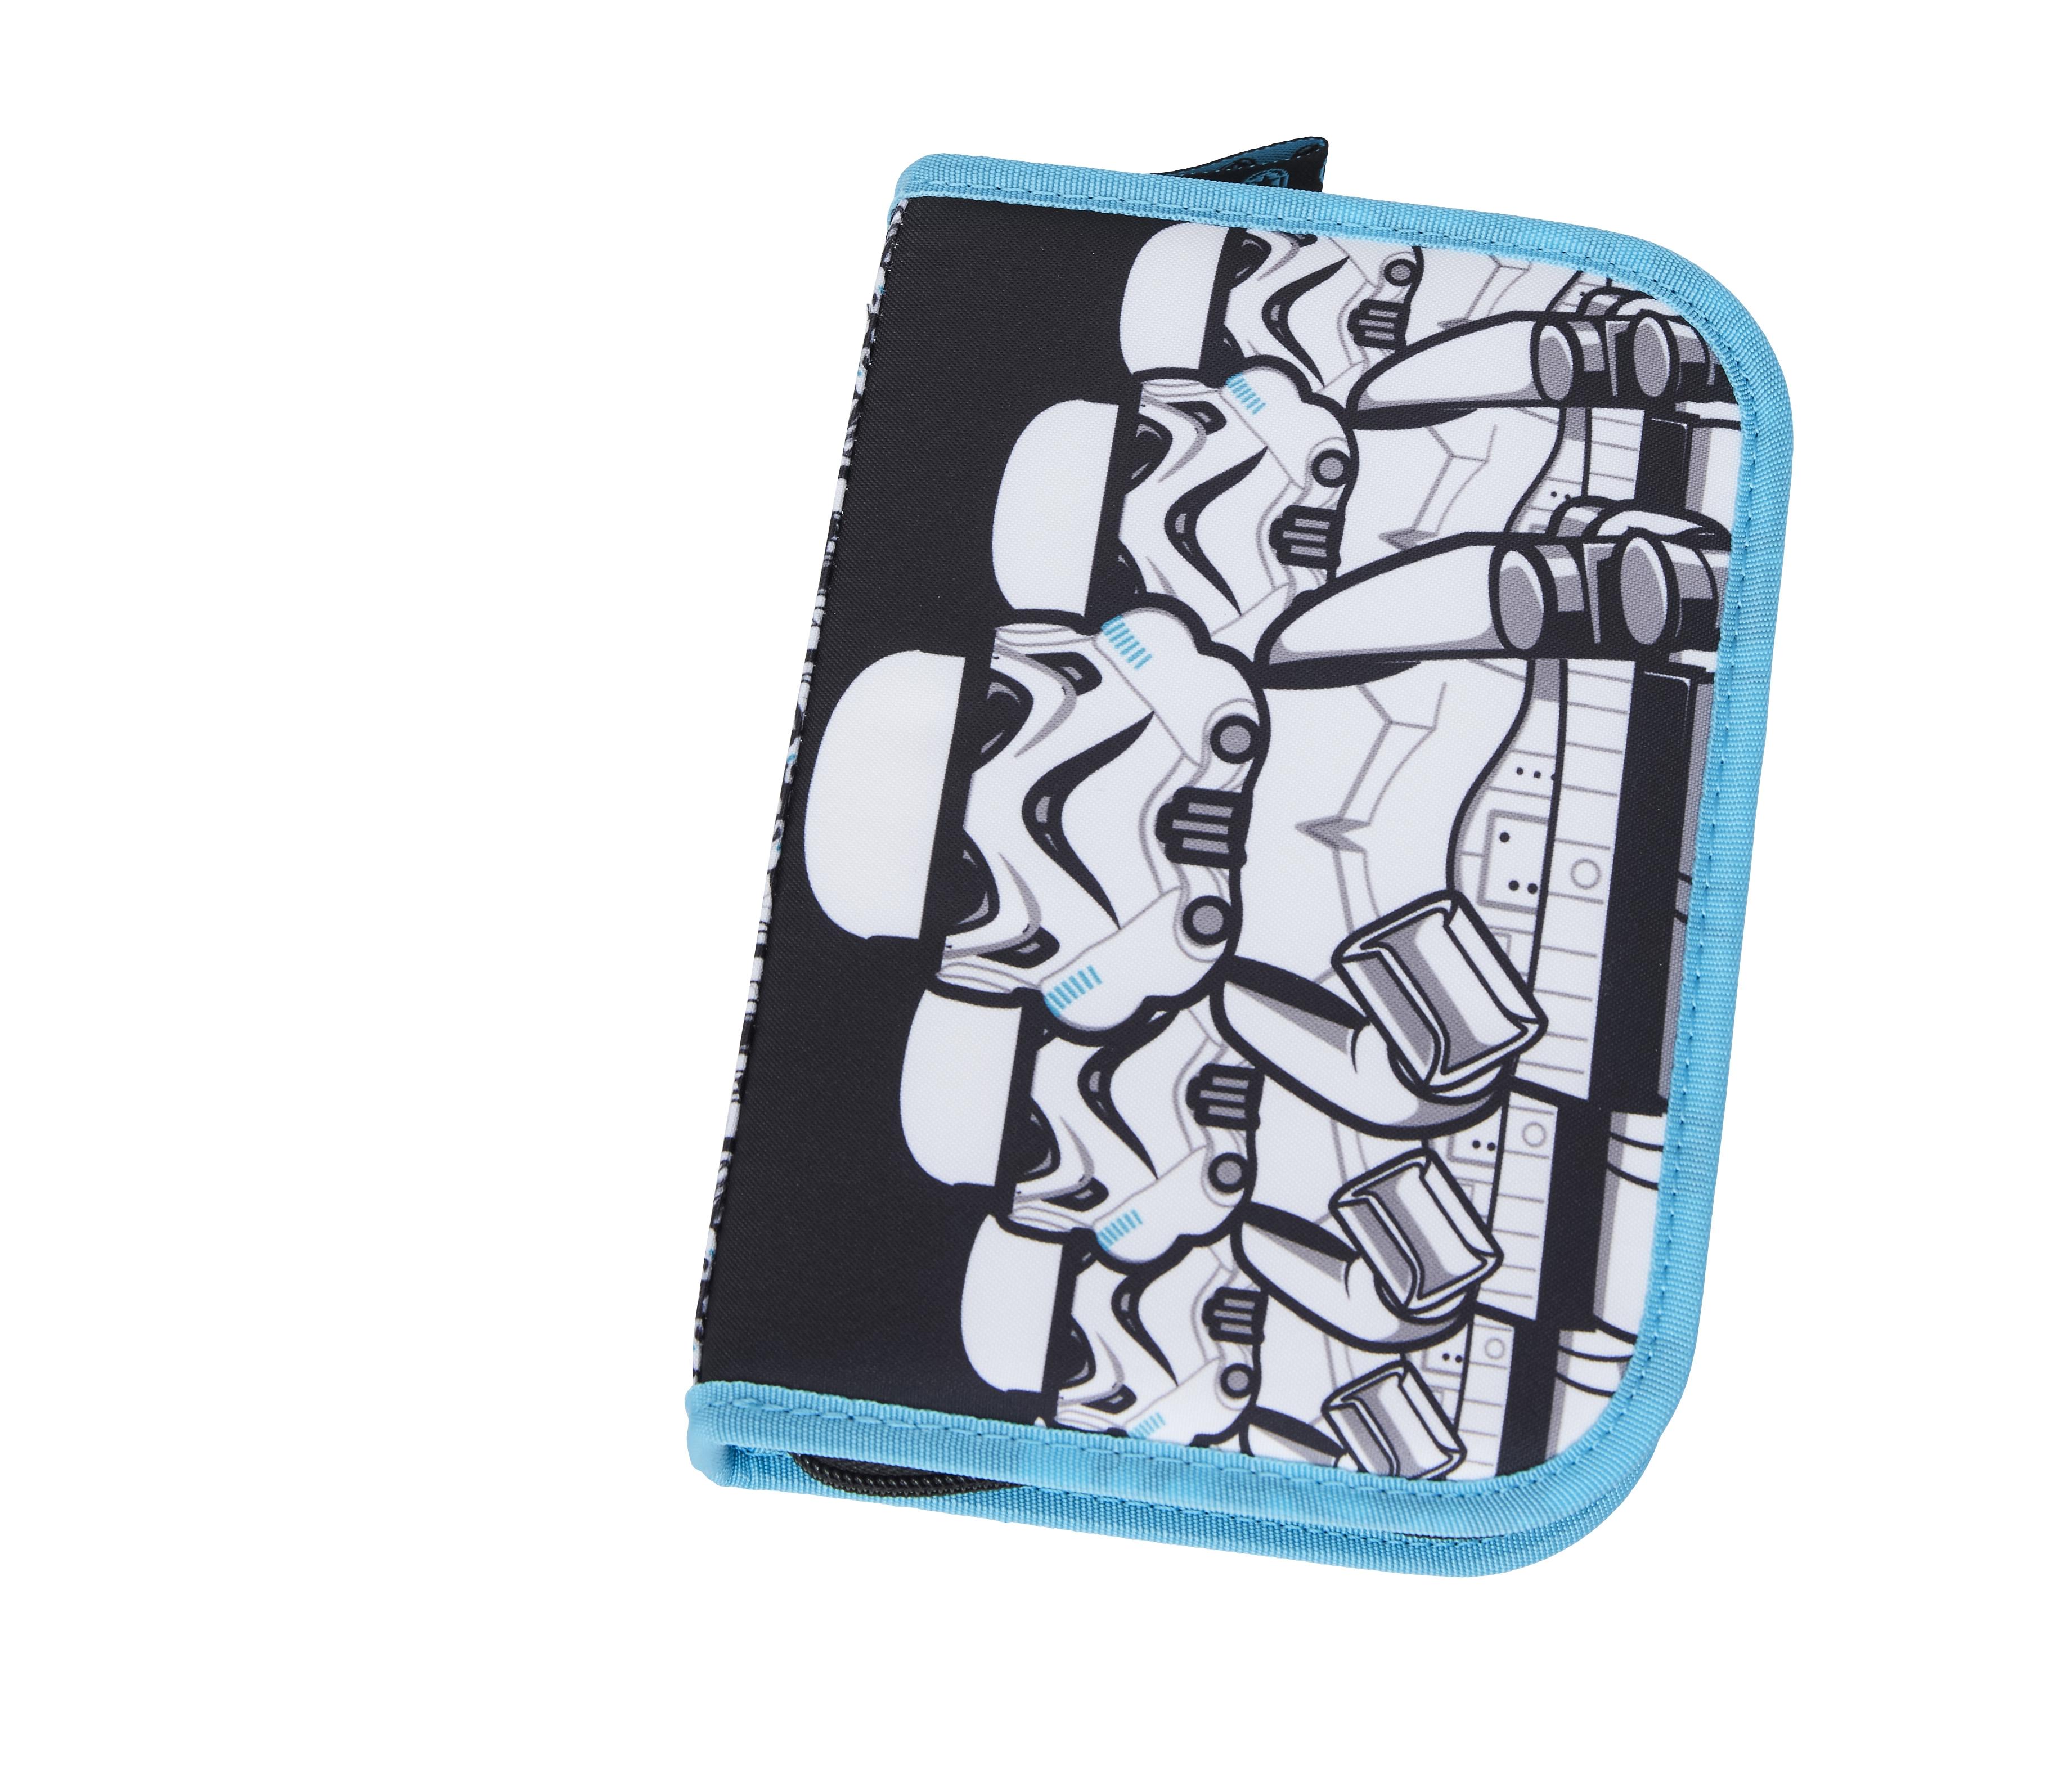 LEGO Pennskrin - Star Wars Stormtrooper